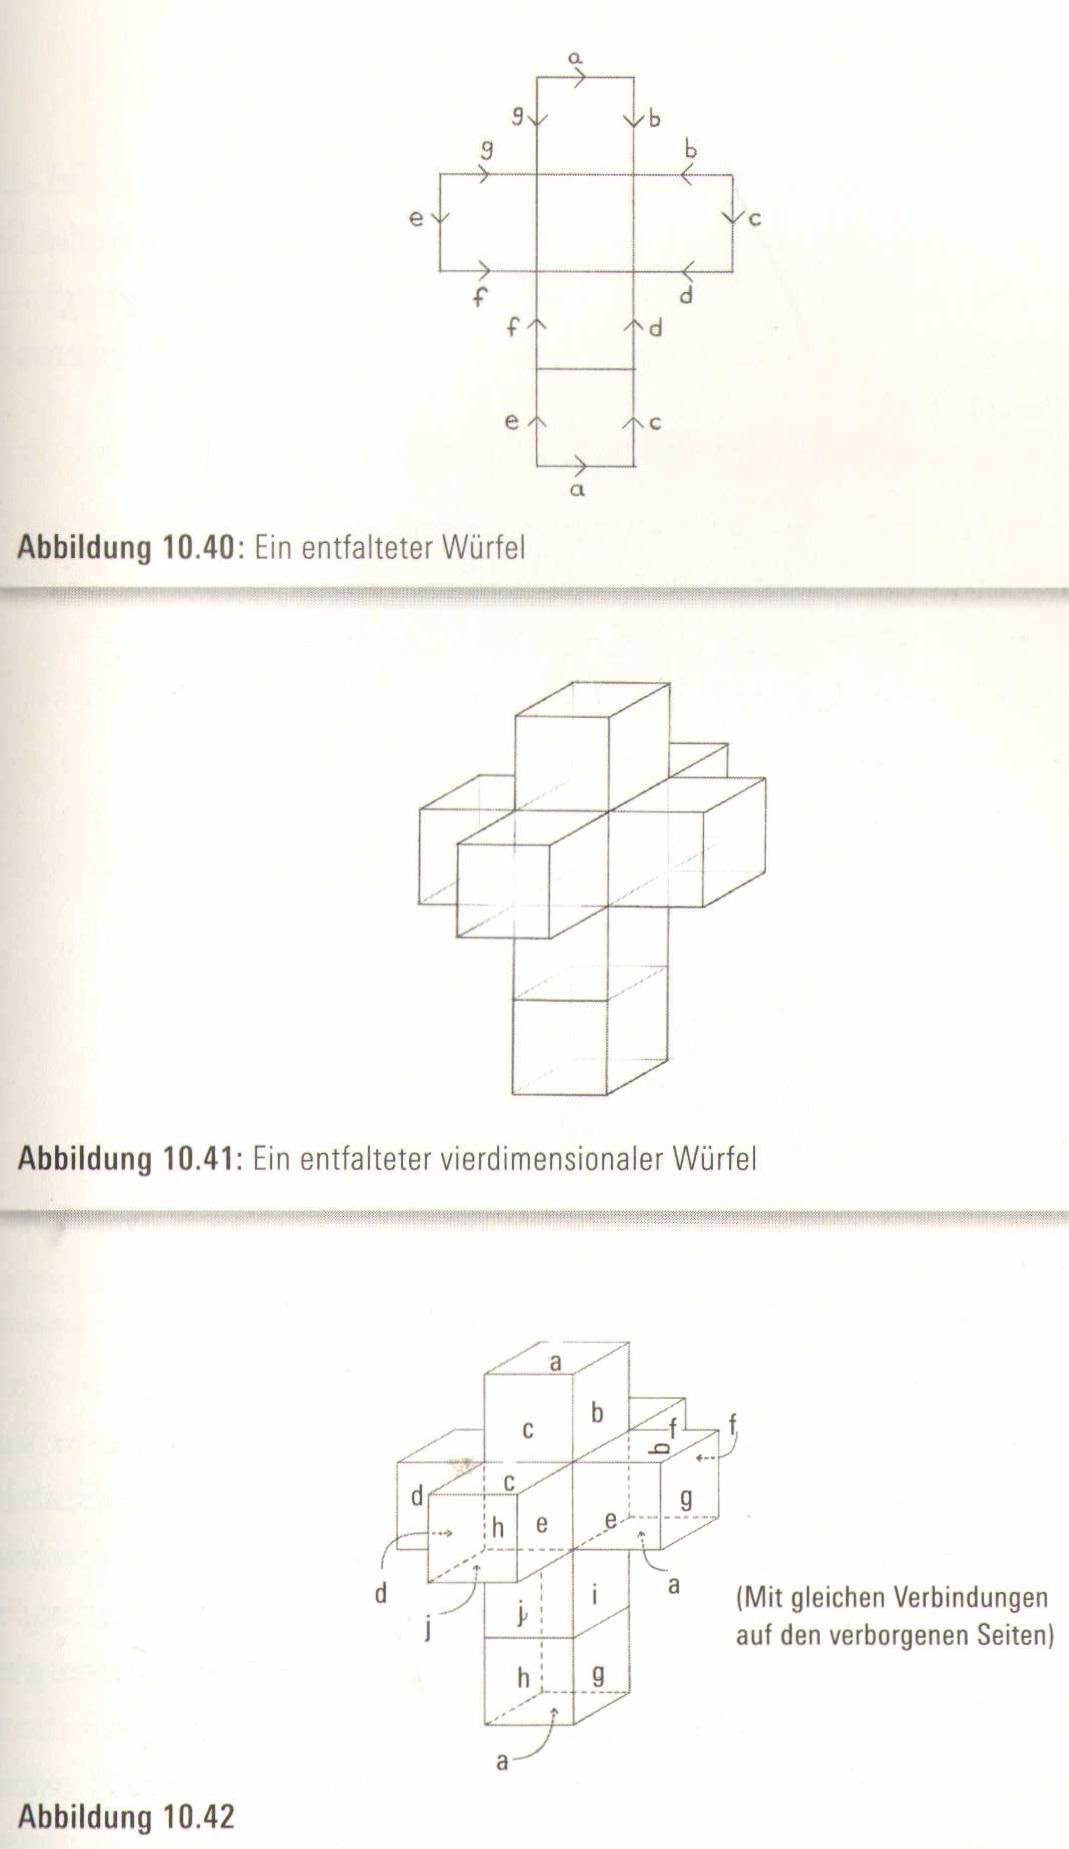 Die Magie der vierten Dimension179